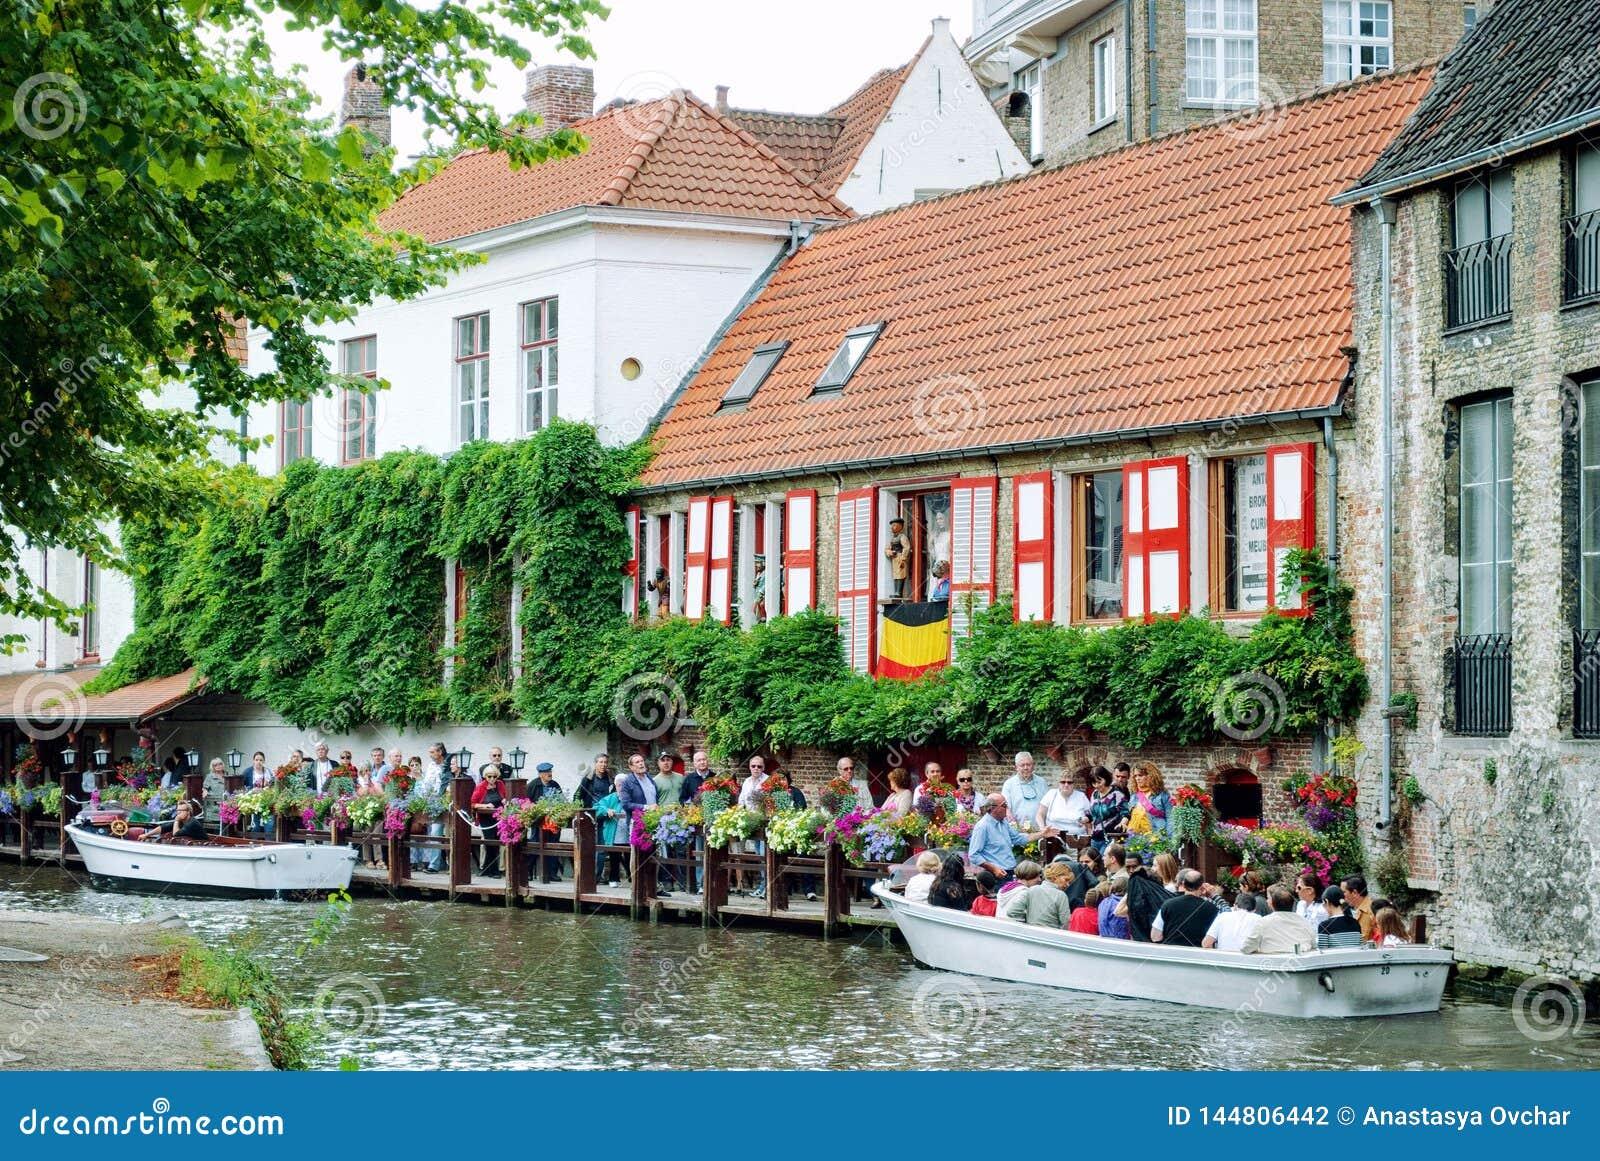 Bruges, Belgio - agosto 2010: Turisti che stanno in una coda sul pilastro per il loro viaggio della barca lungo i canali della ci